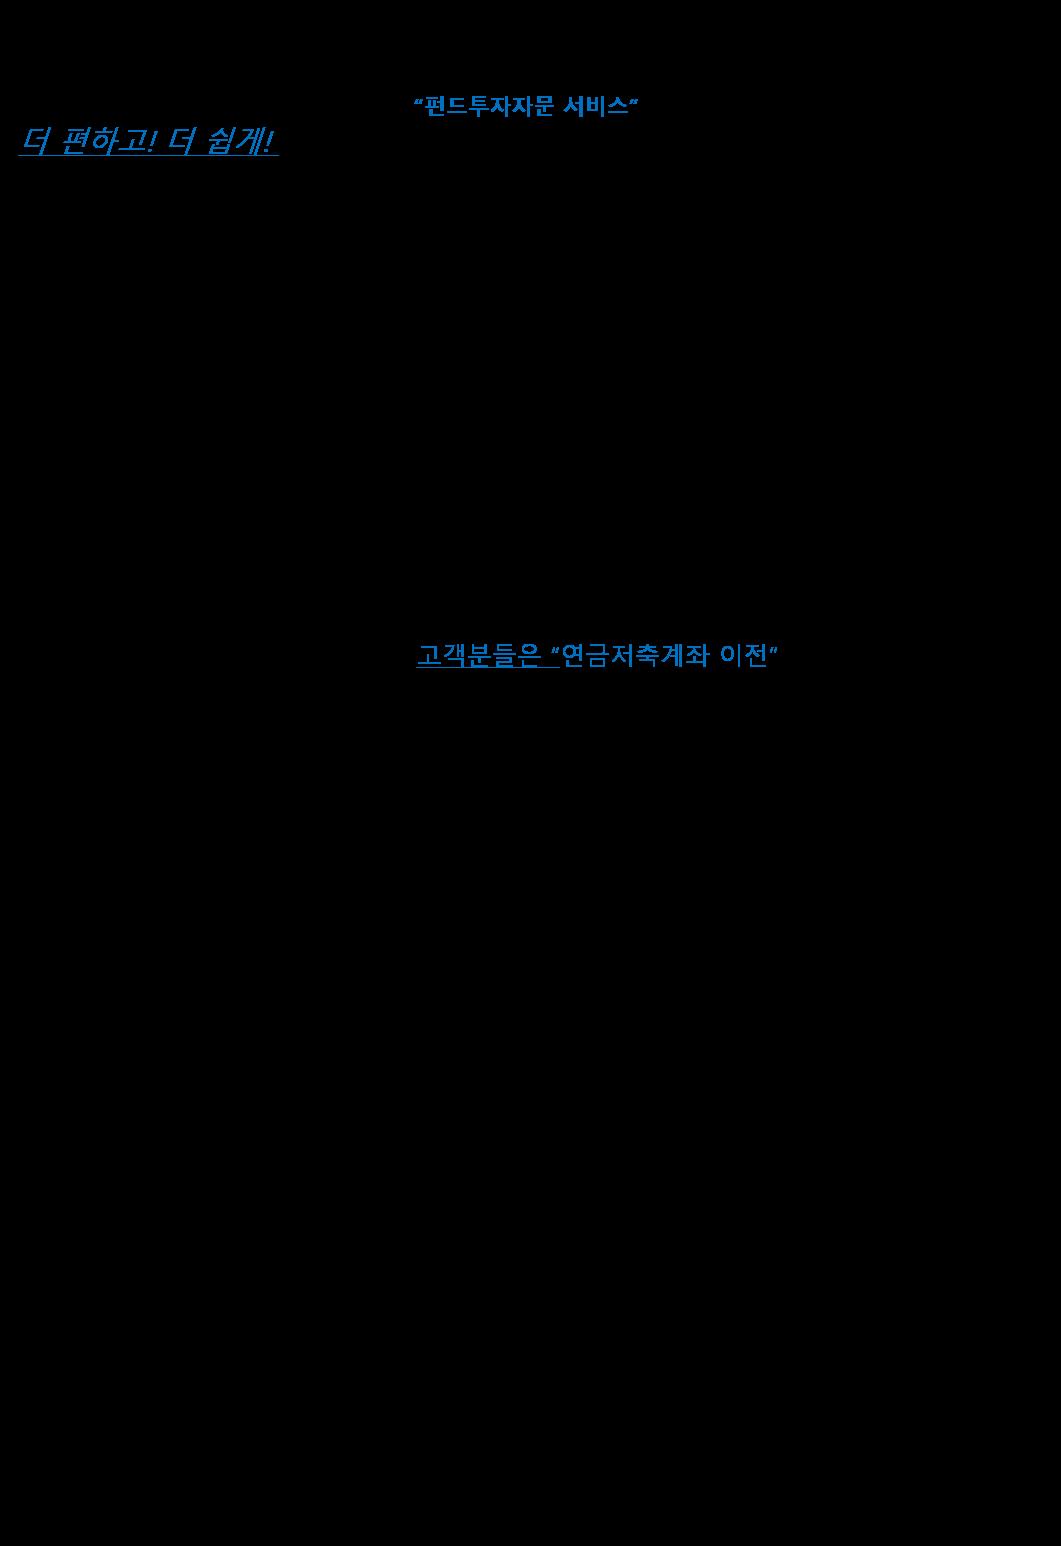 그림1.png